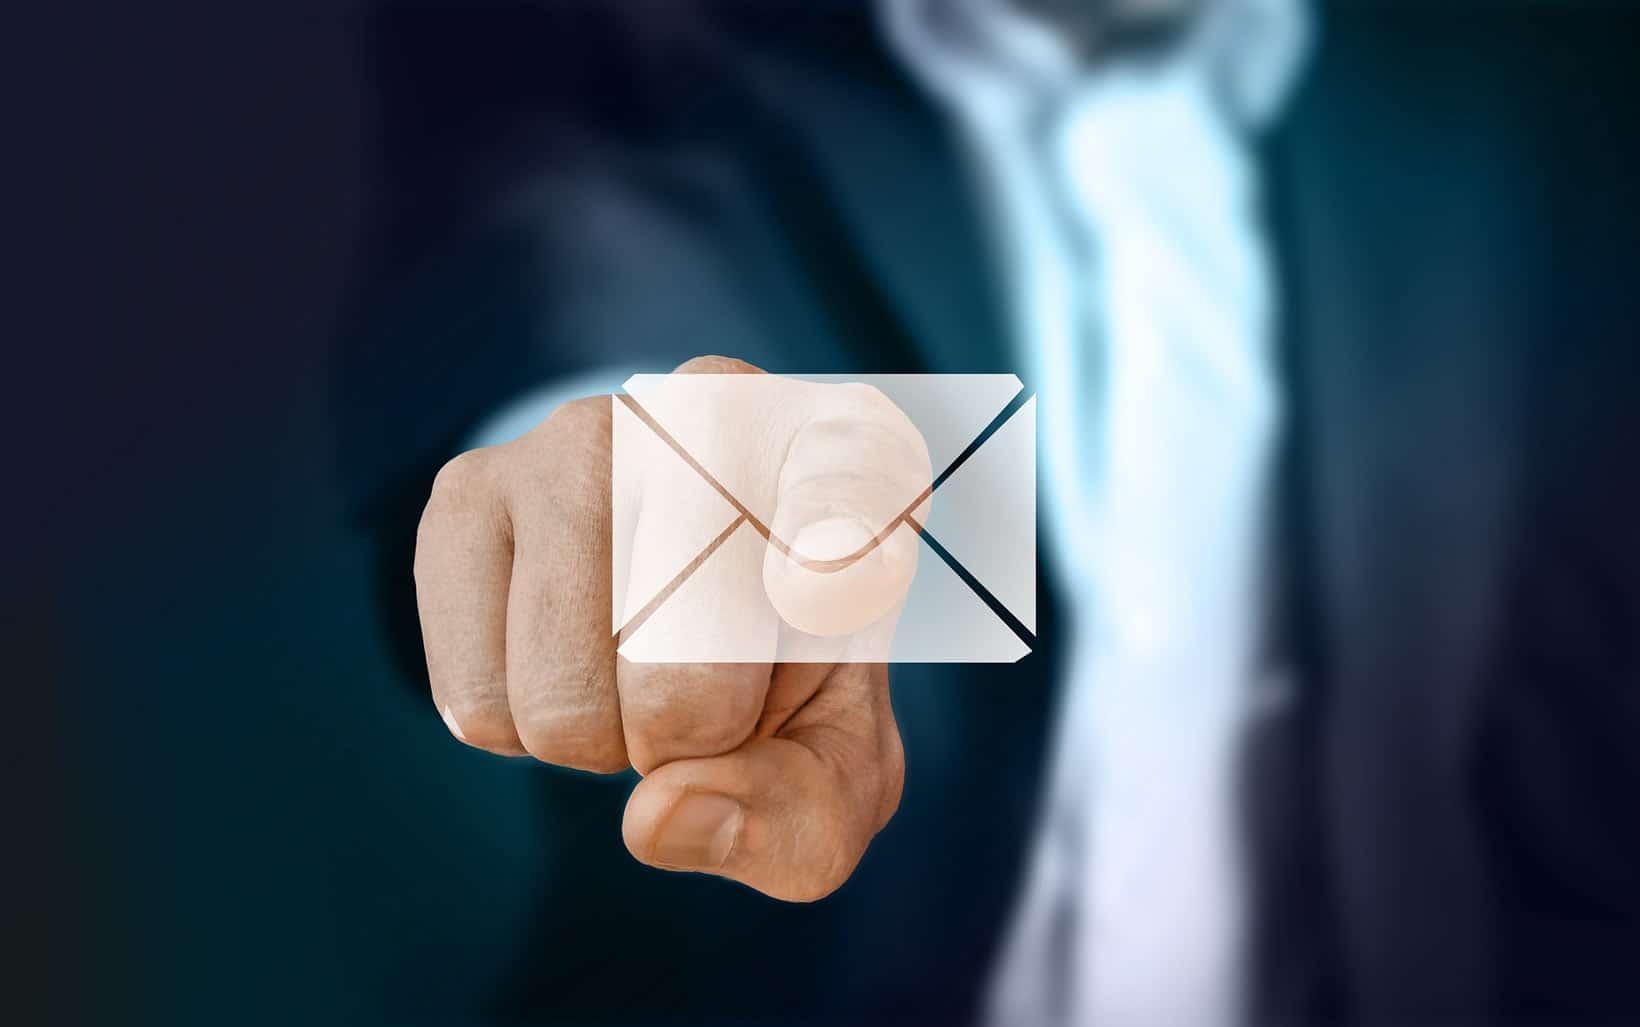 Hoe herken je een phishing mail?